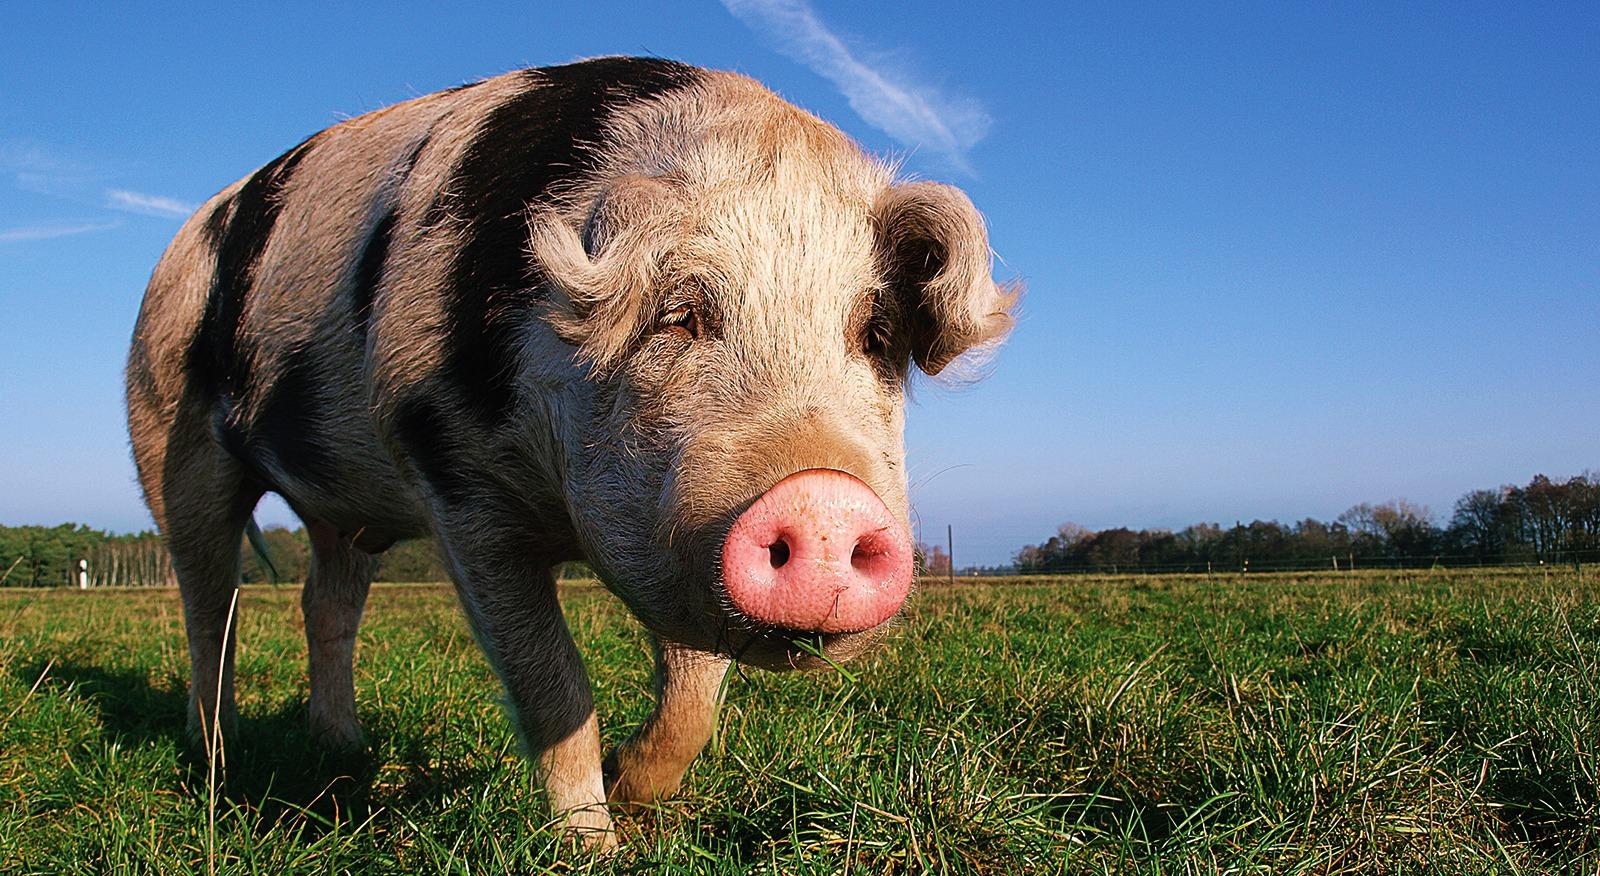 Mozart-Schwein-Meine-kleine-Farm-h0rse-portfolio